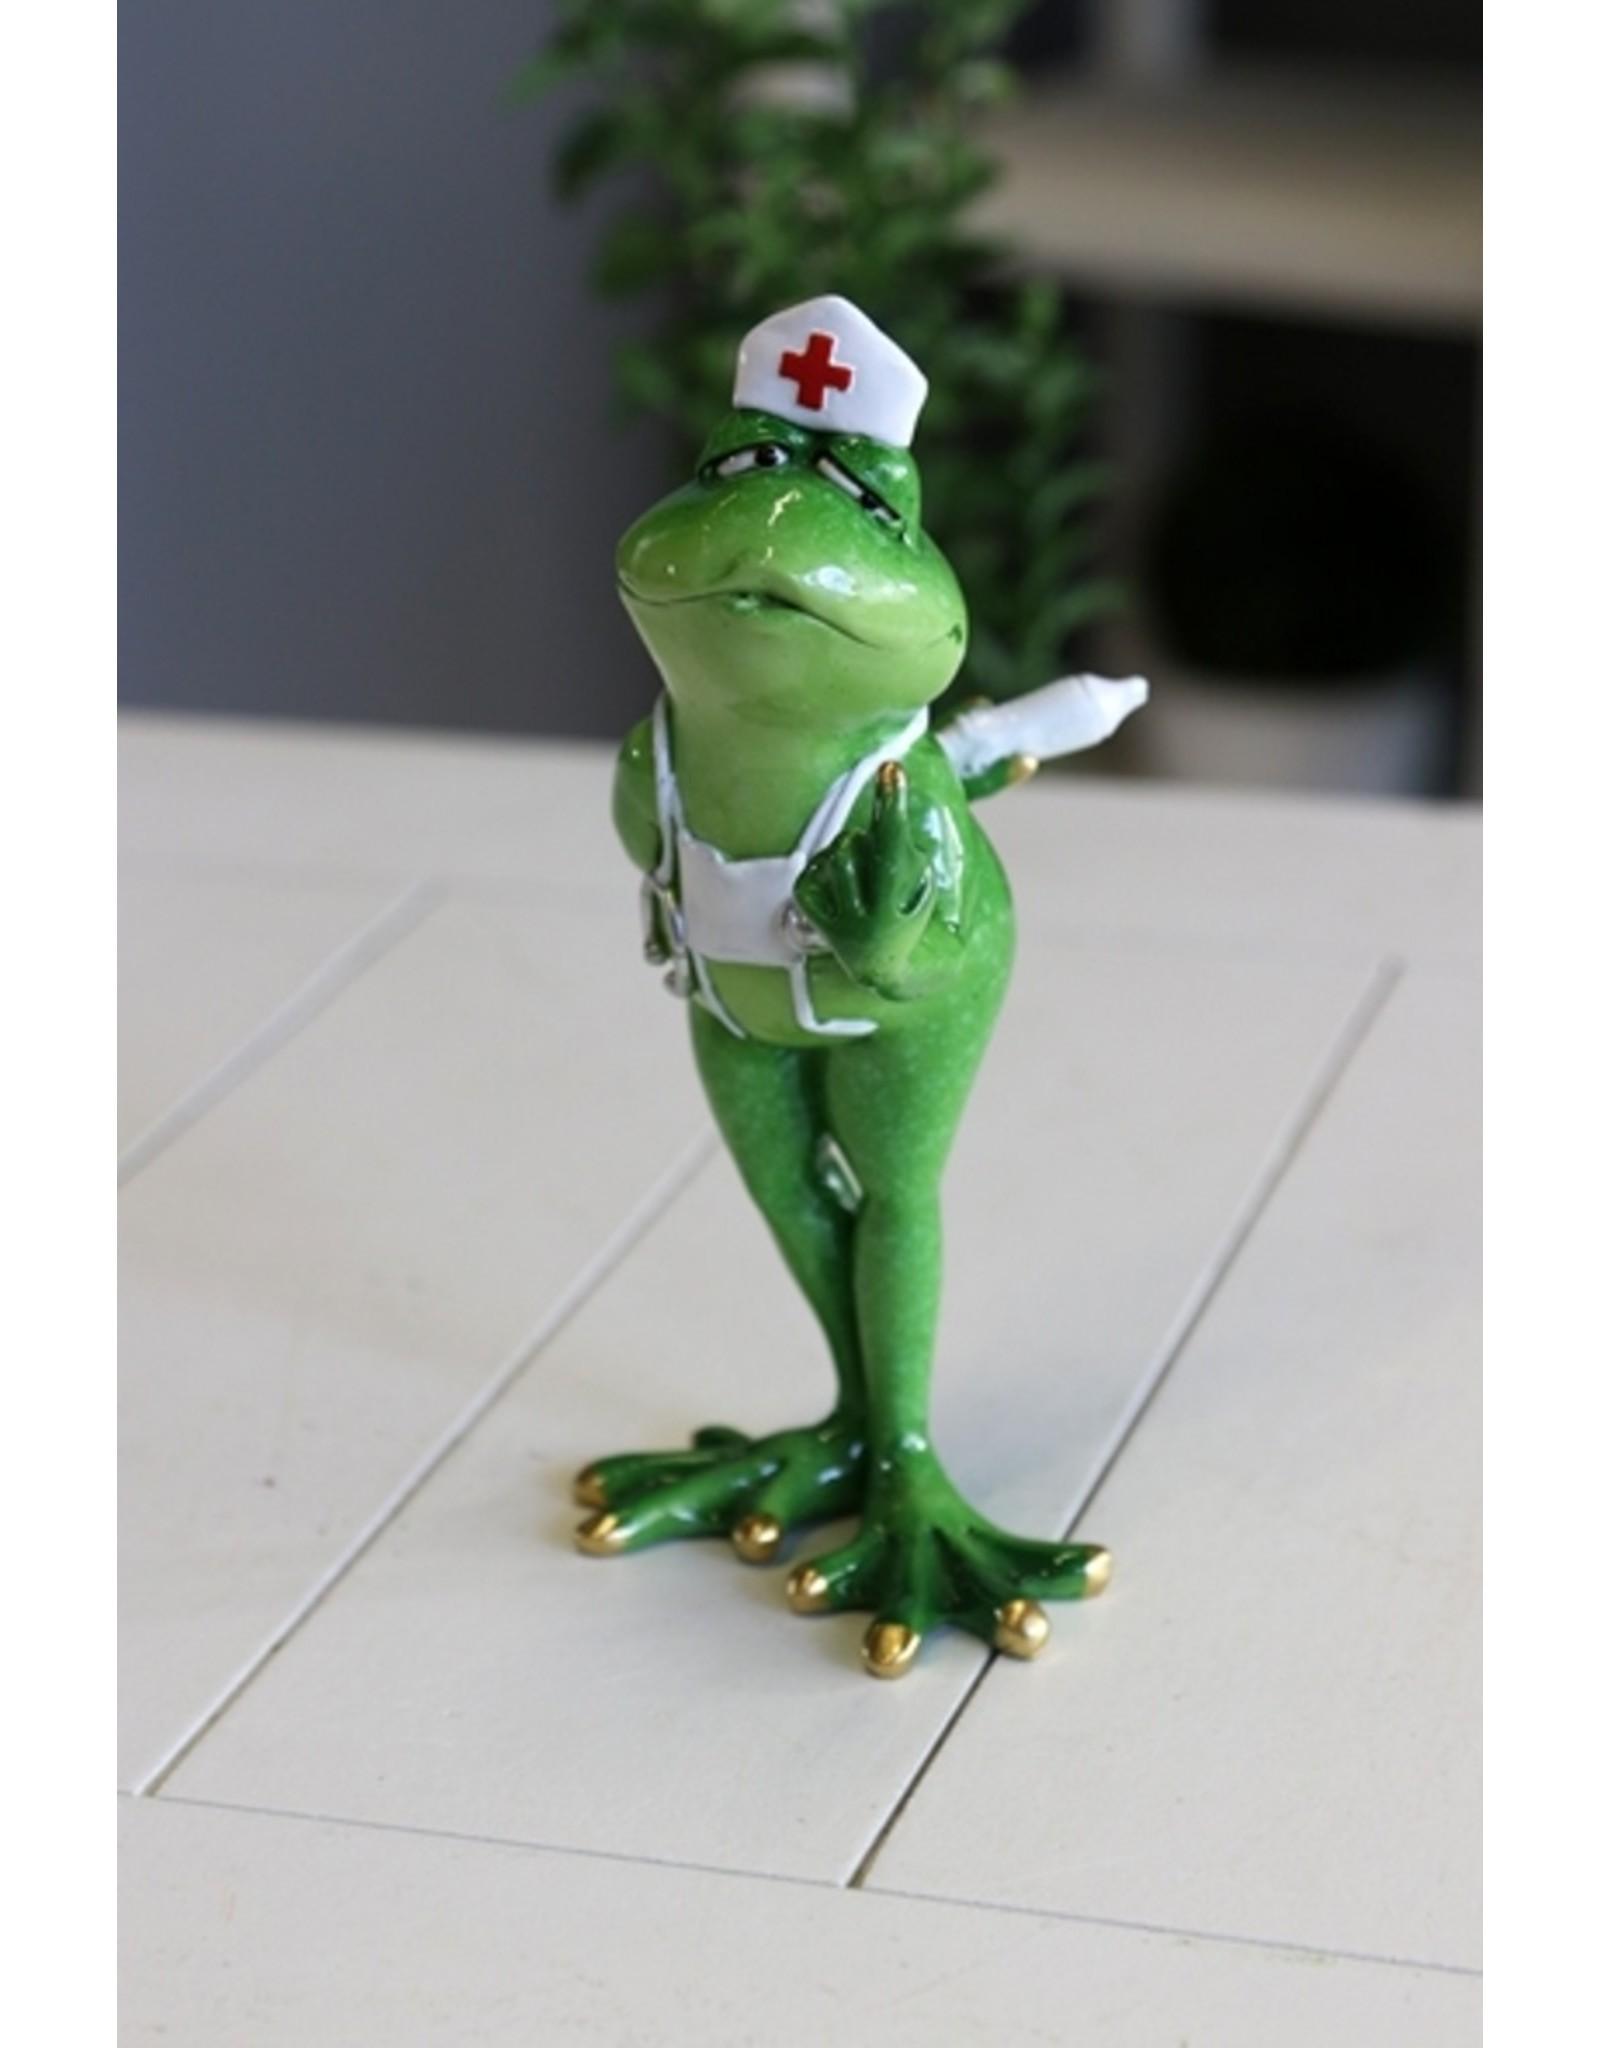 Kikker verpleegster beeldje Giftware, beelden, collectables - Kikker Verpleegster beeld - 19cm, polyresin